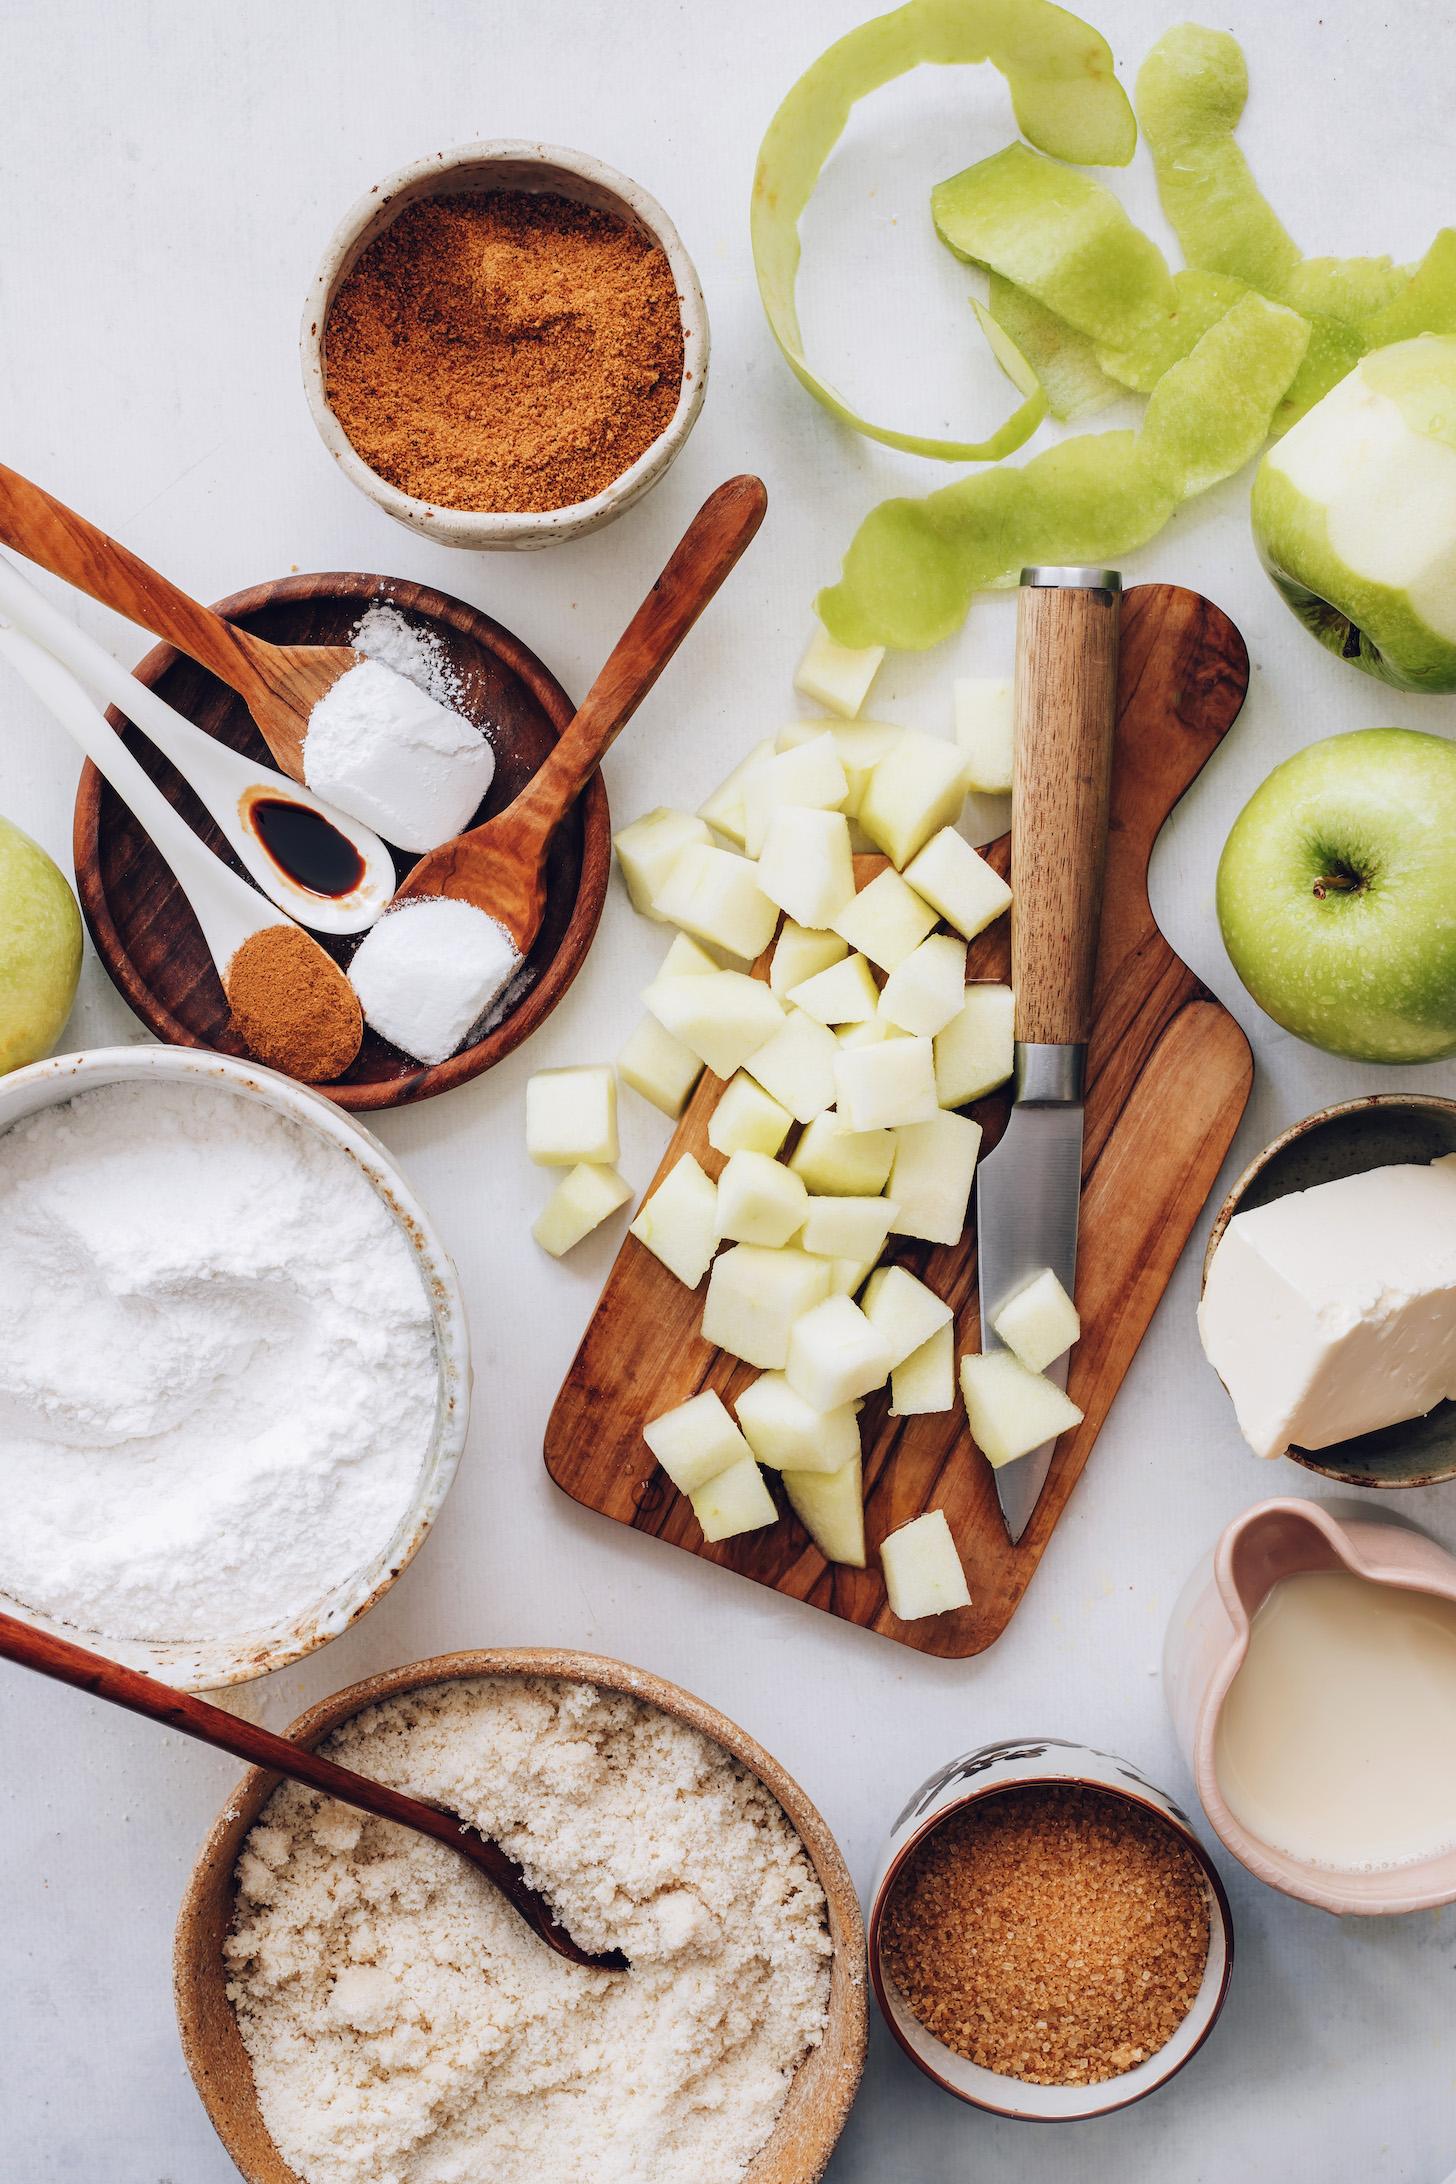 Hindistan cevizi şekeri, elma, vegan yağı, süt içermeyen süt, şeker kamışı, badem unu, glütensiz un karışımı, baharatlar, kabartma tozu ve kabartma tozu